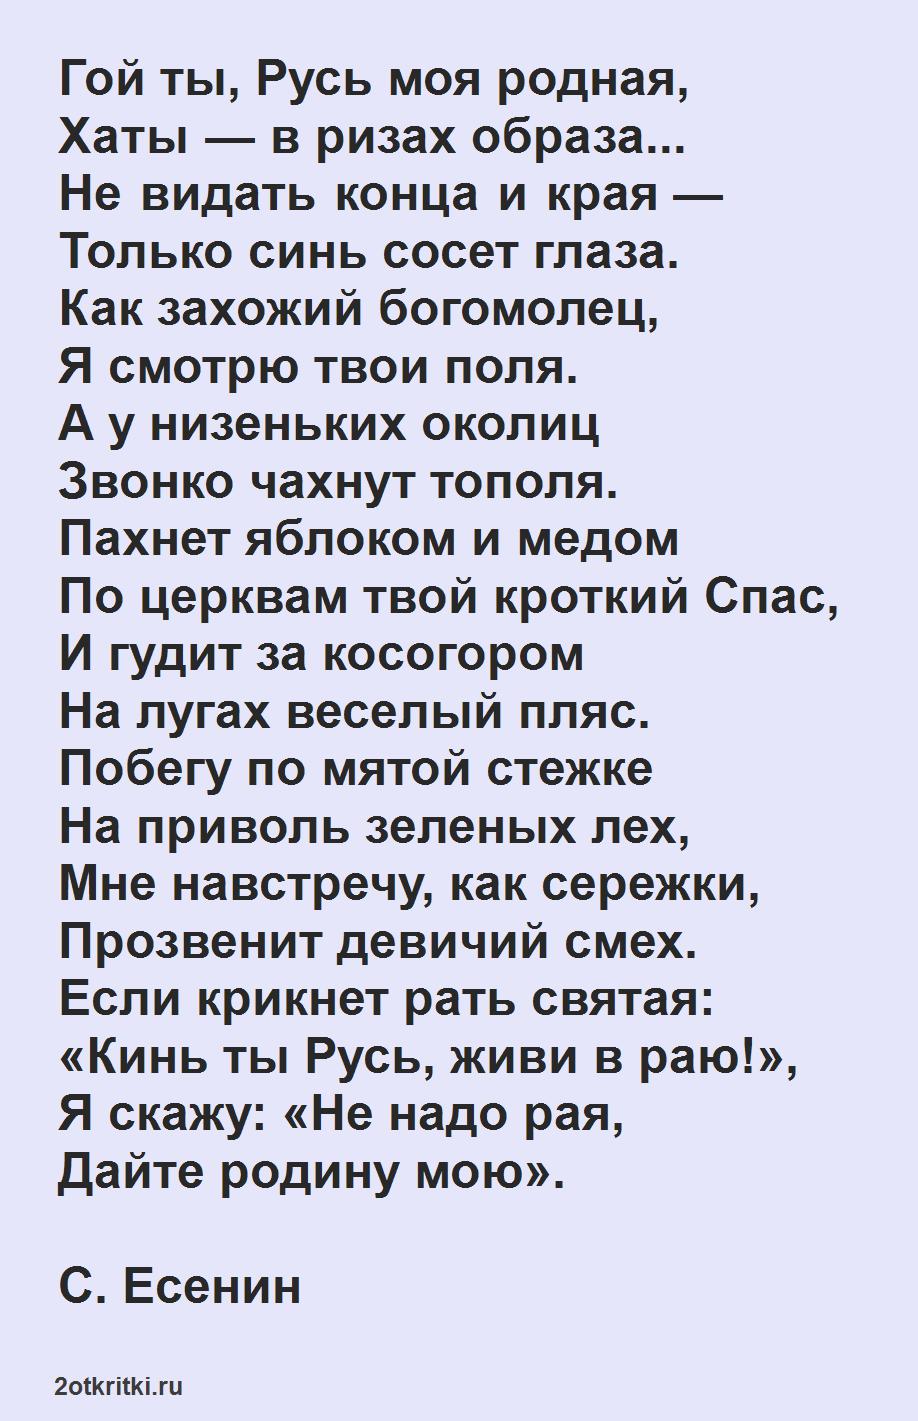 Поздравления с днем России в стихах лирические